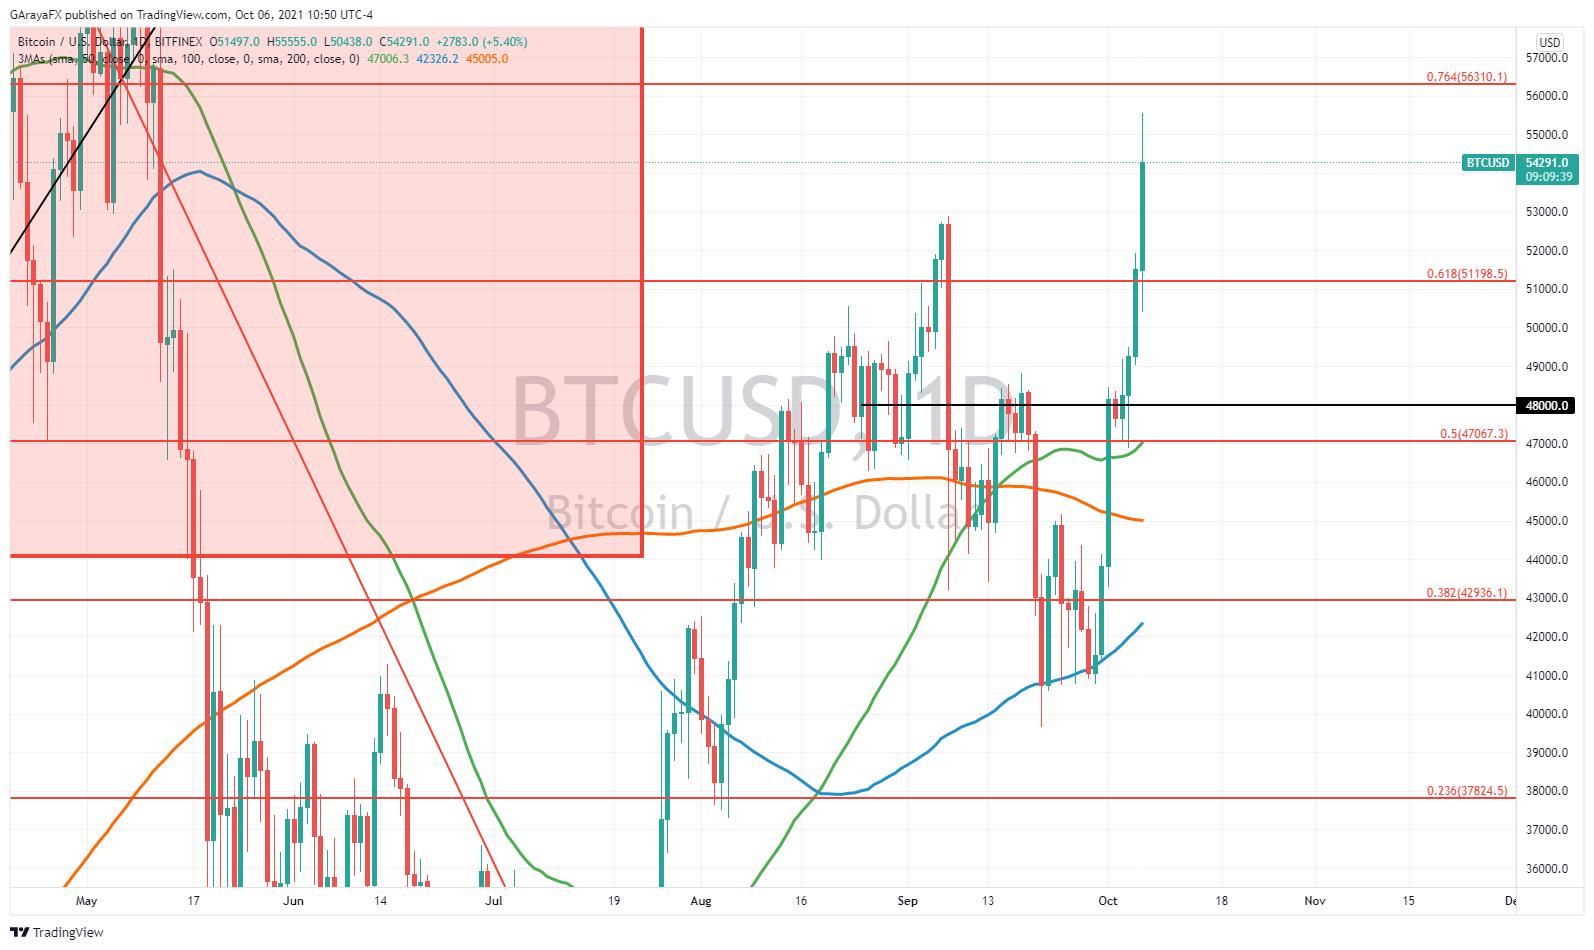 Gráfico Diario de Bitcoin (BTCUSD) - 06.10.21